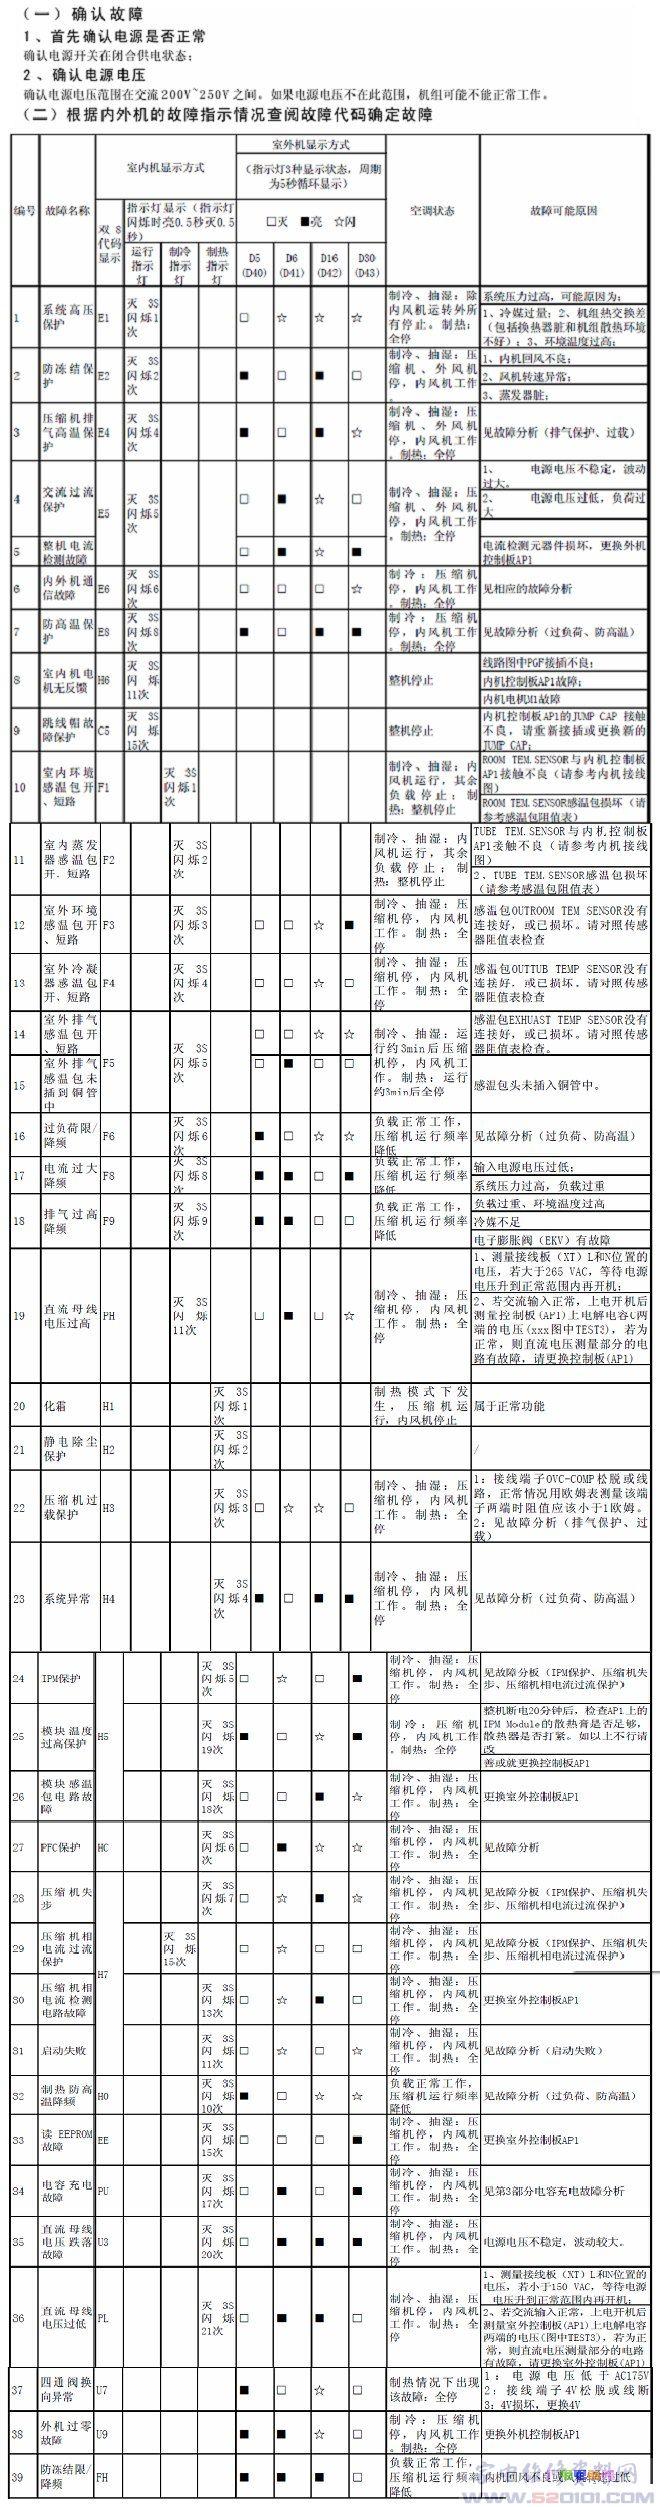 格力空调遥控器_格力蓝海湾系列变频空调故障代码 - 家电维修资料网